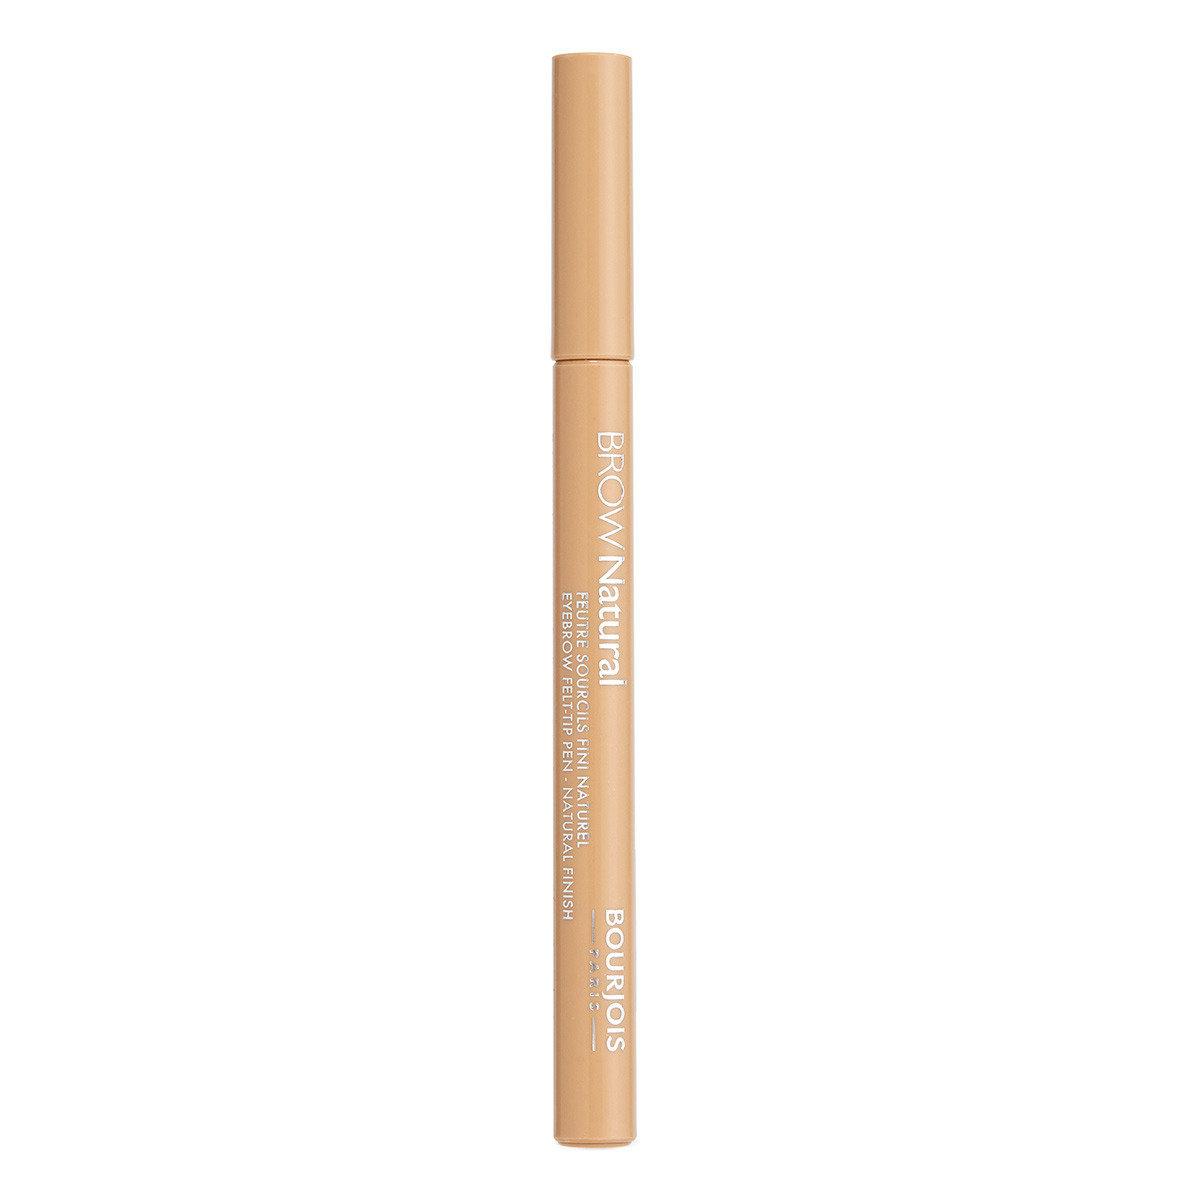 超自然眉筆液 T21 淺棕色